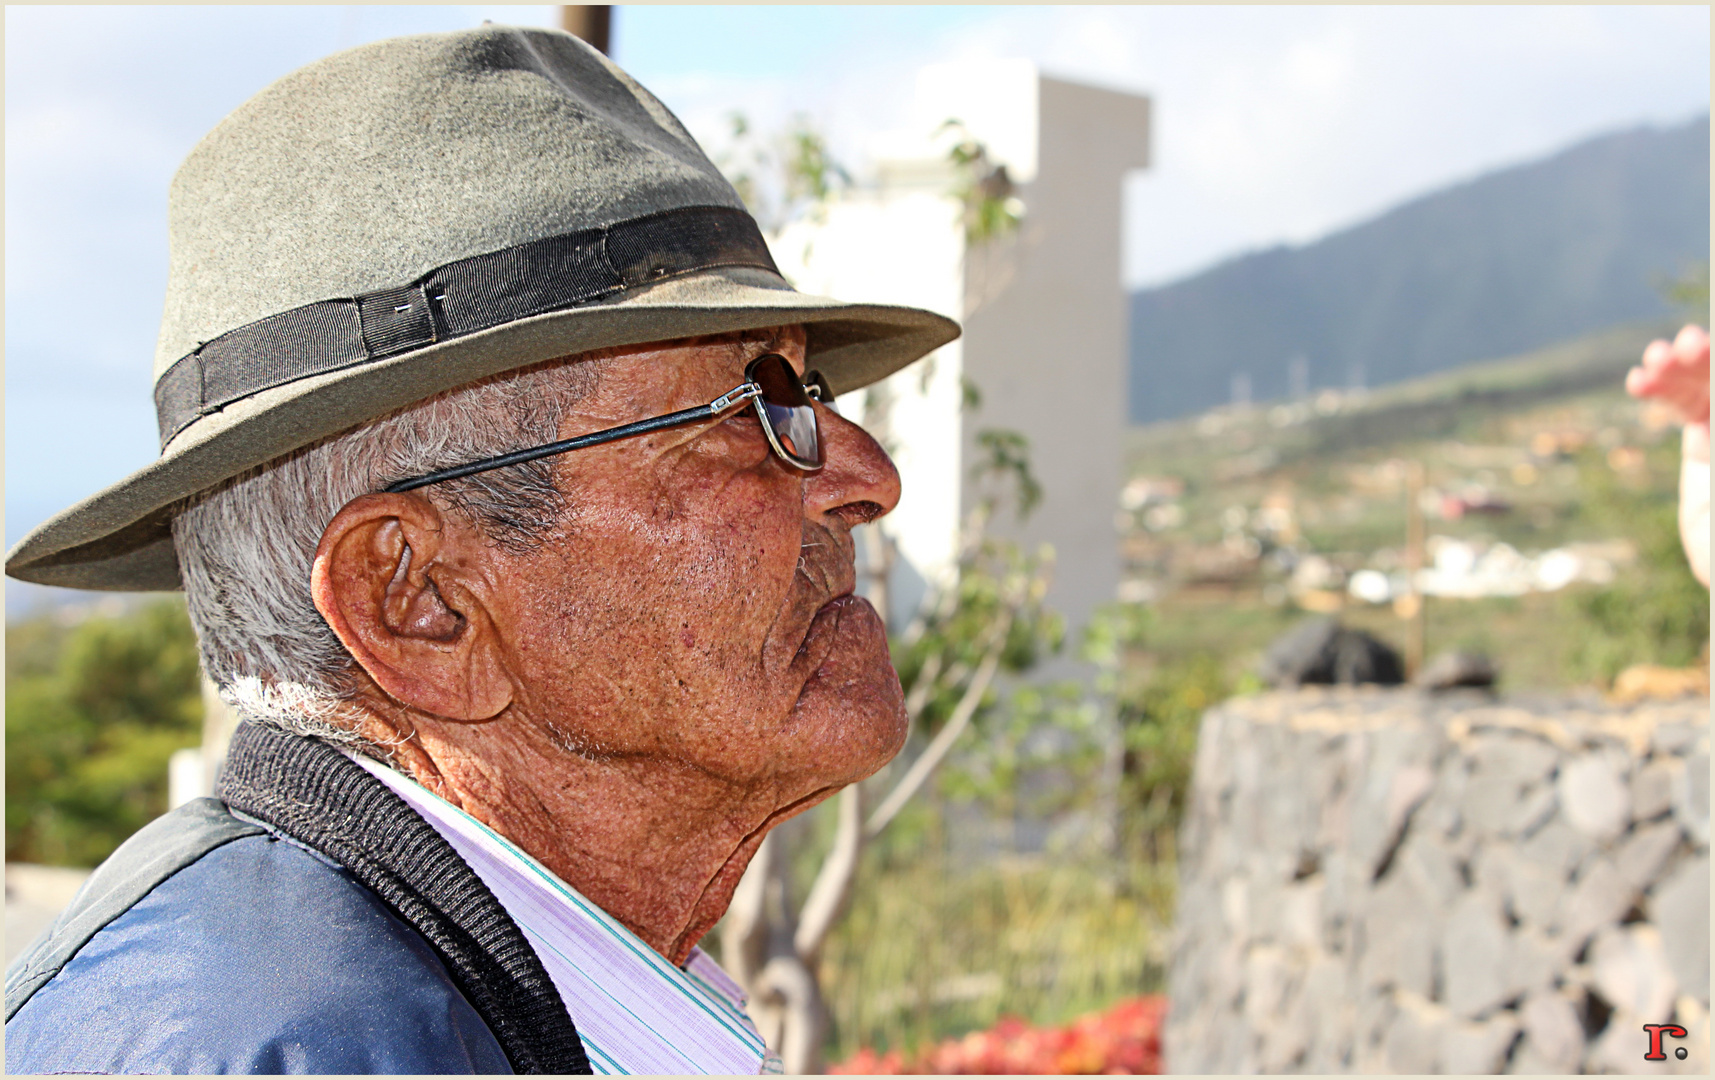 El viejo campesino